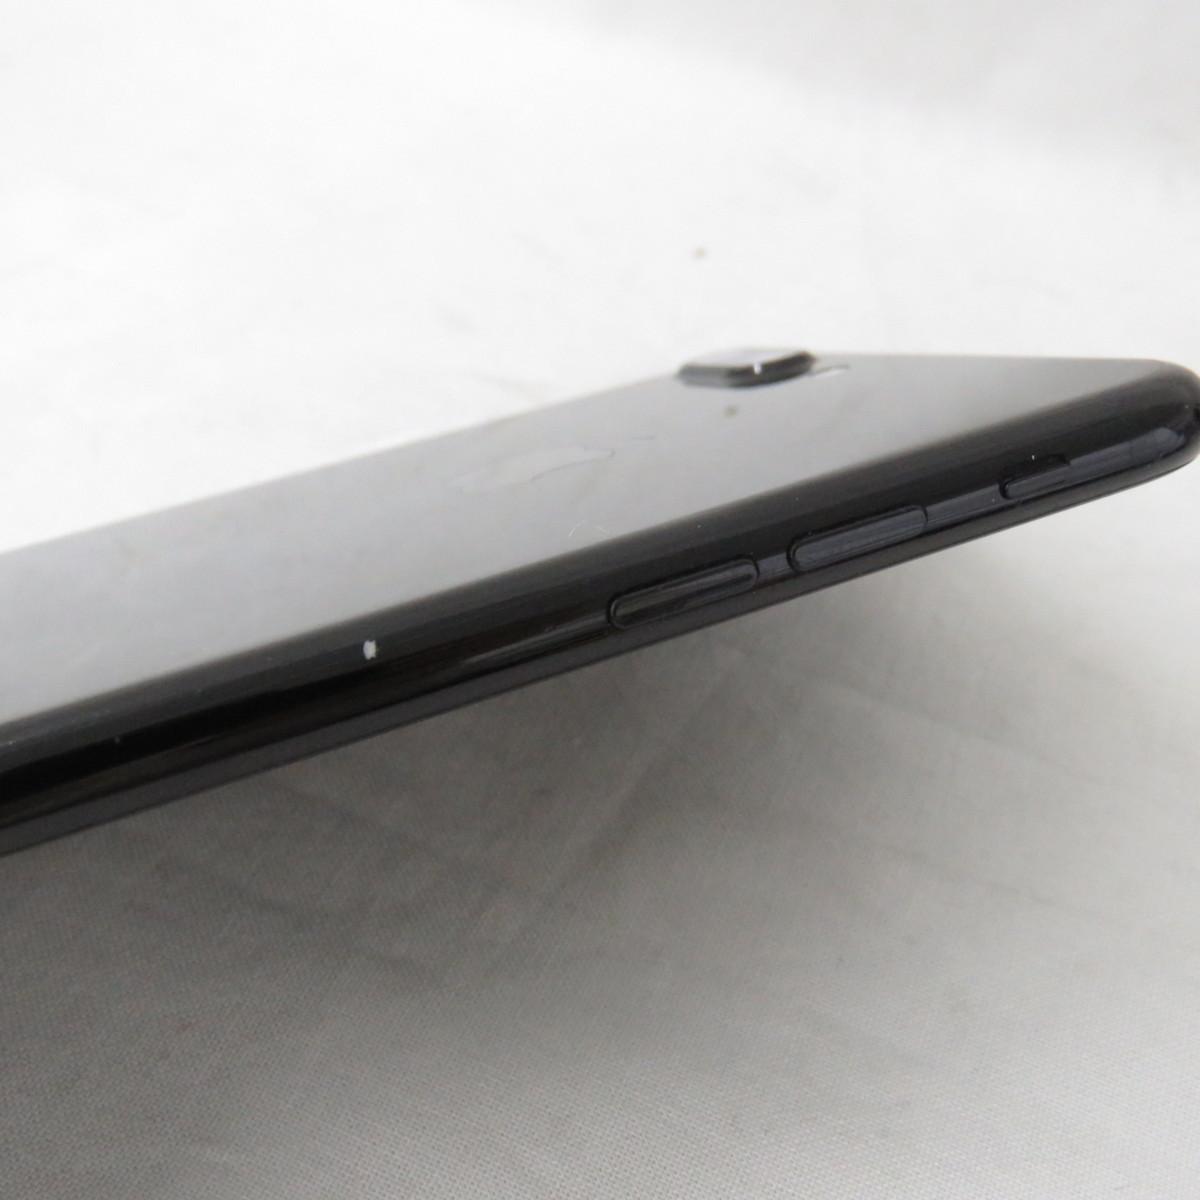 1円~【中古品】SoftBank ソフトバンク Apple iPhone 7 Plus 128GB MN6K2J/A ジェットブラック 判定○ ※SIMロック解除済 10703084_画像6